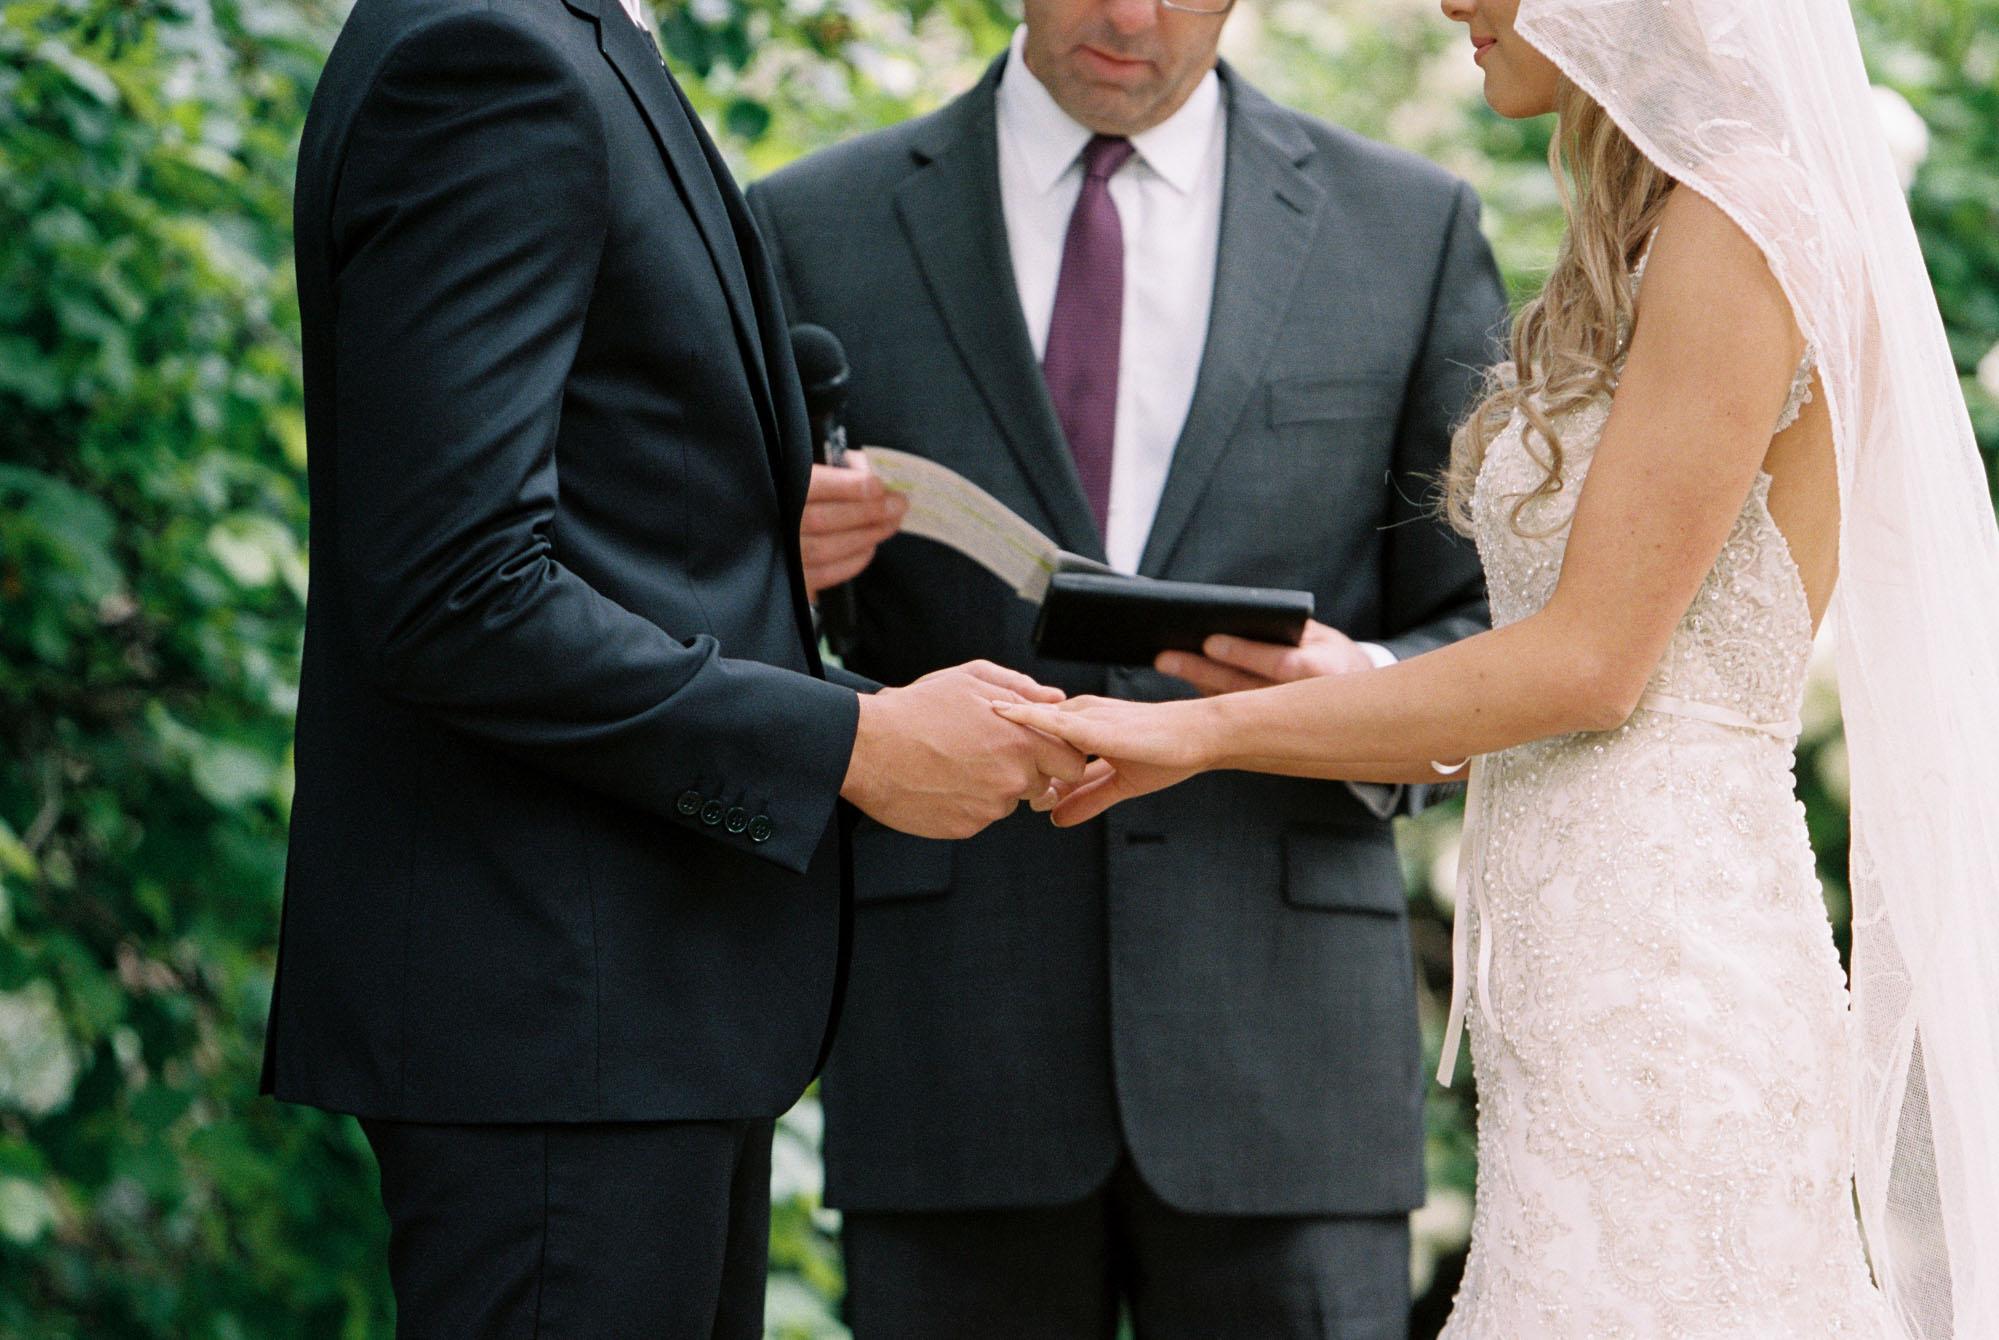 Whitehouse-hahndorf-wedding-photography-044.jpg